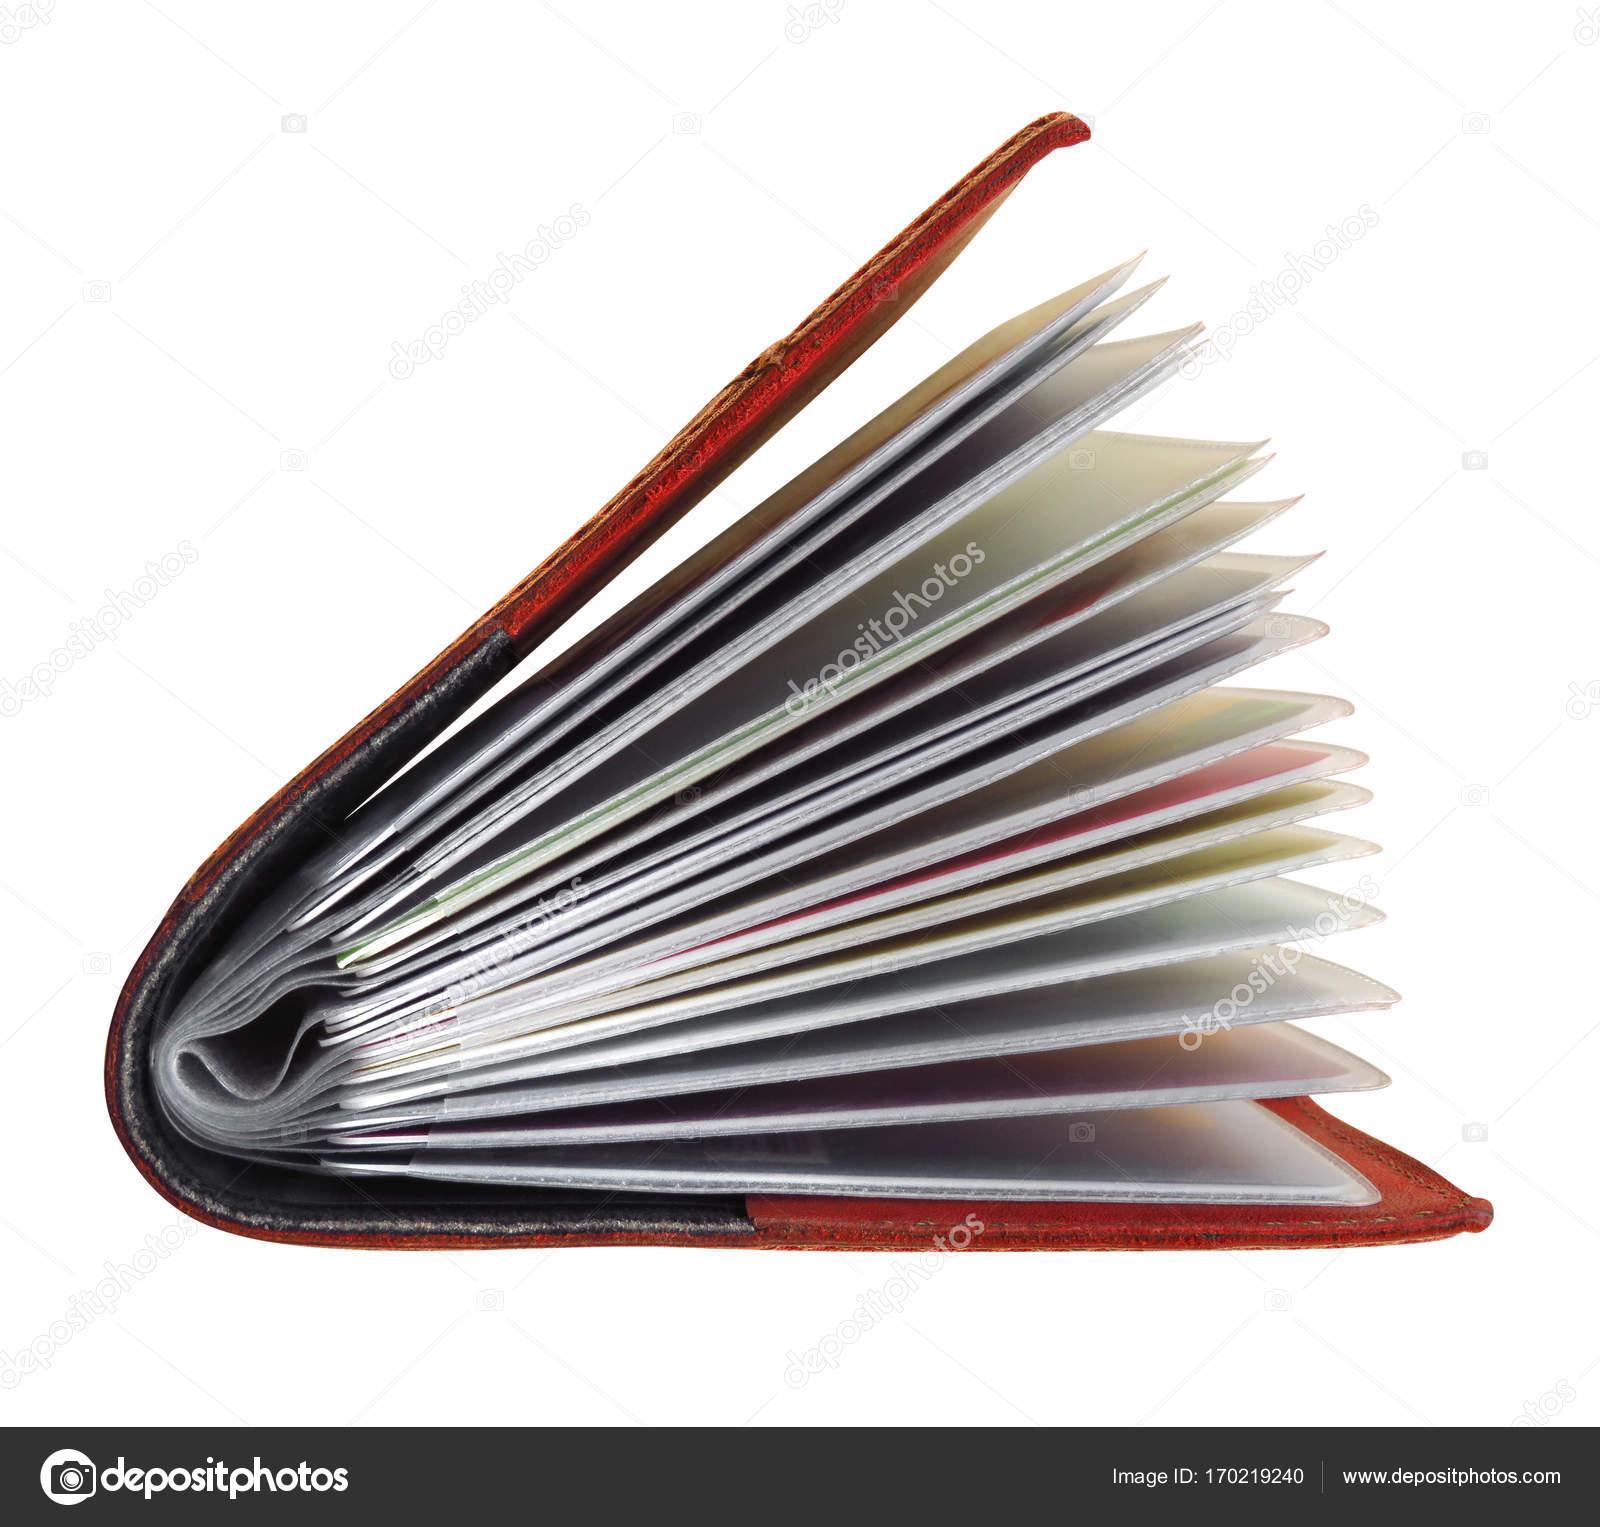 Visitenkarten Etui Aus Leder Stockfoto Venakr 170219240